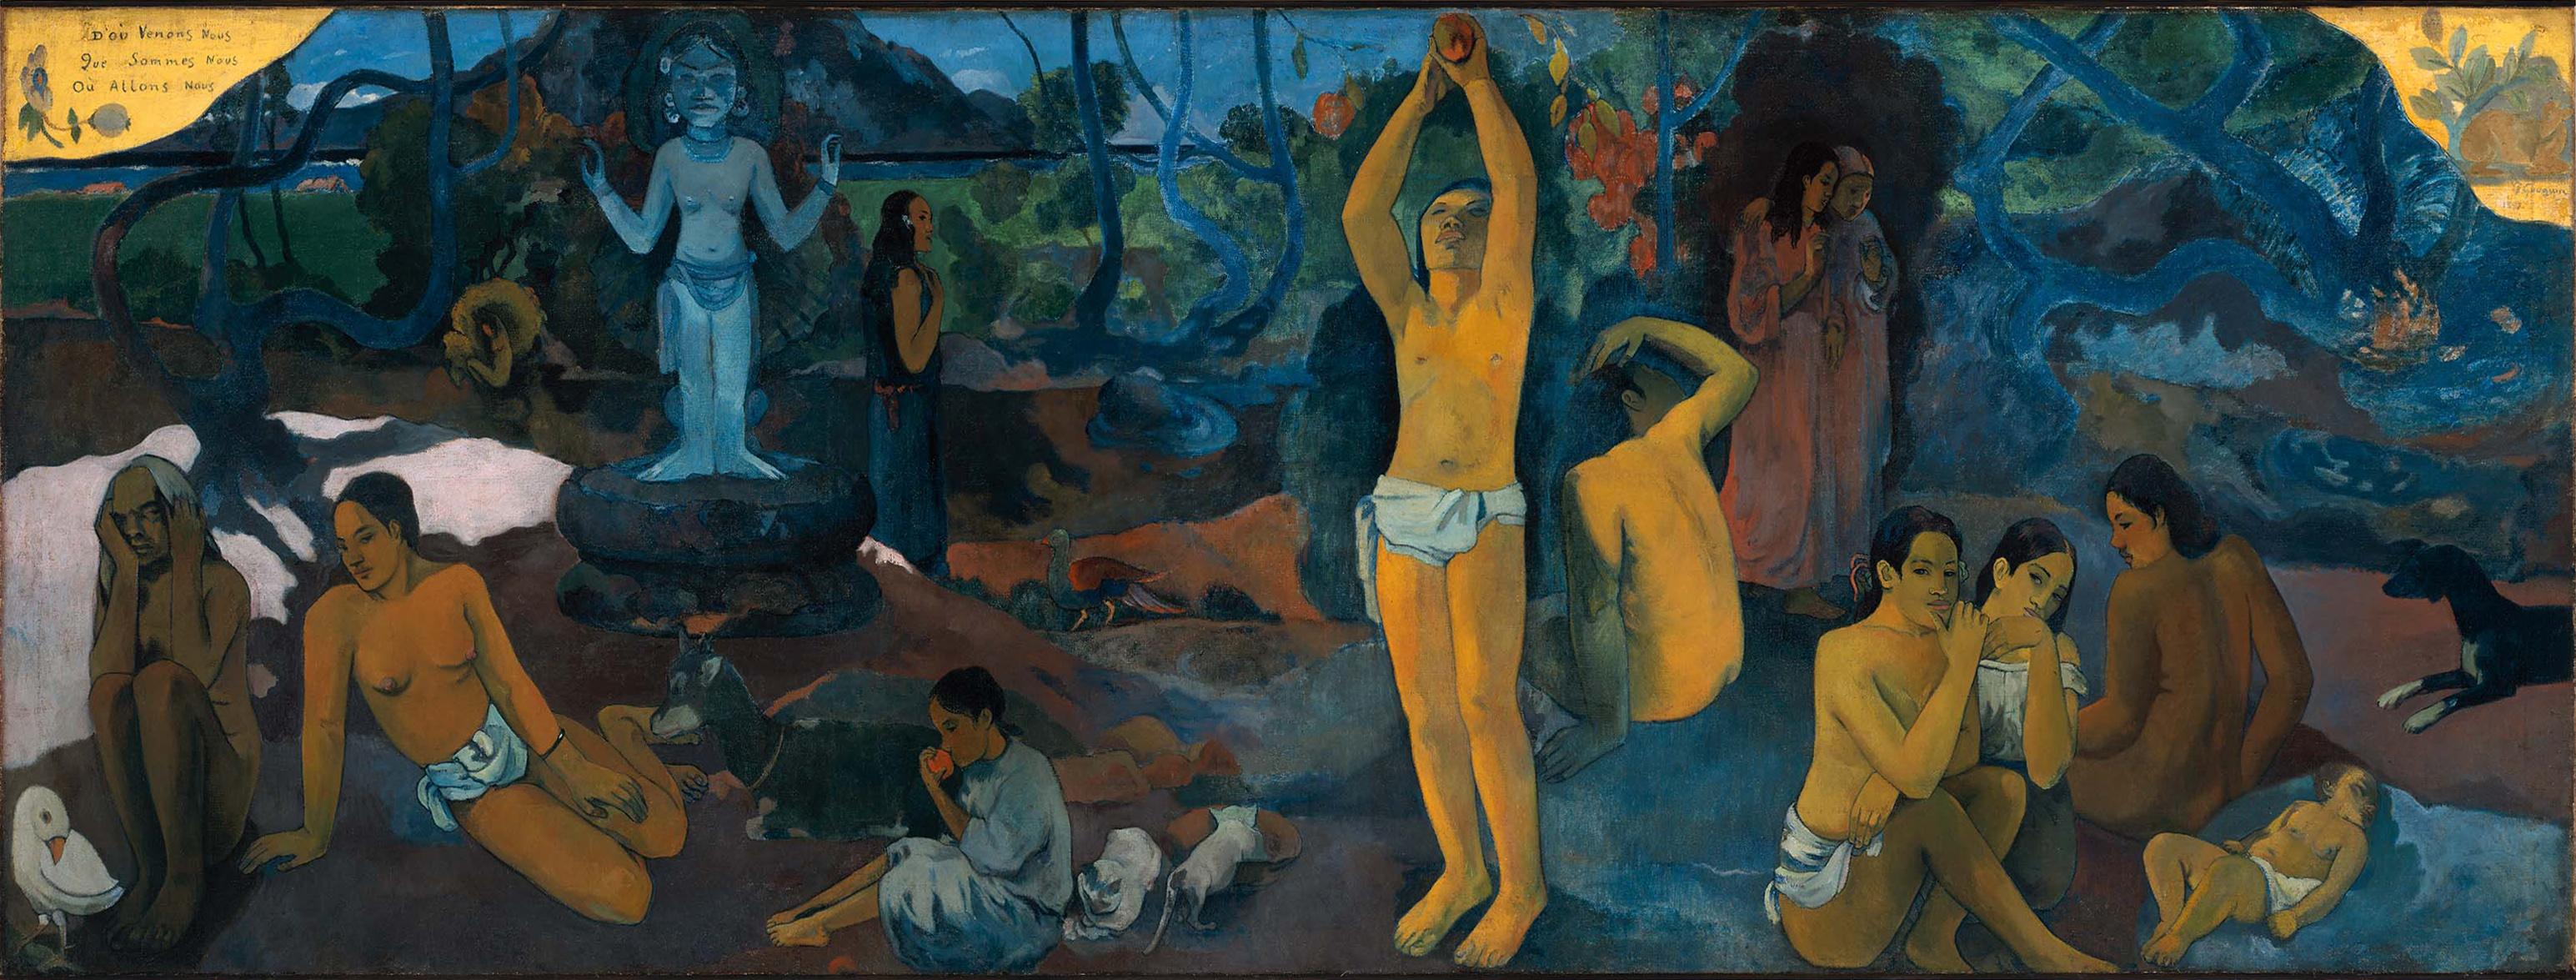 Paul_Gauguin_-_D%27ou_venons-nous.jpg